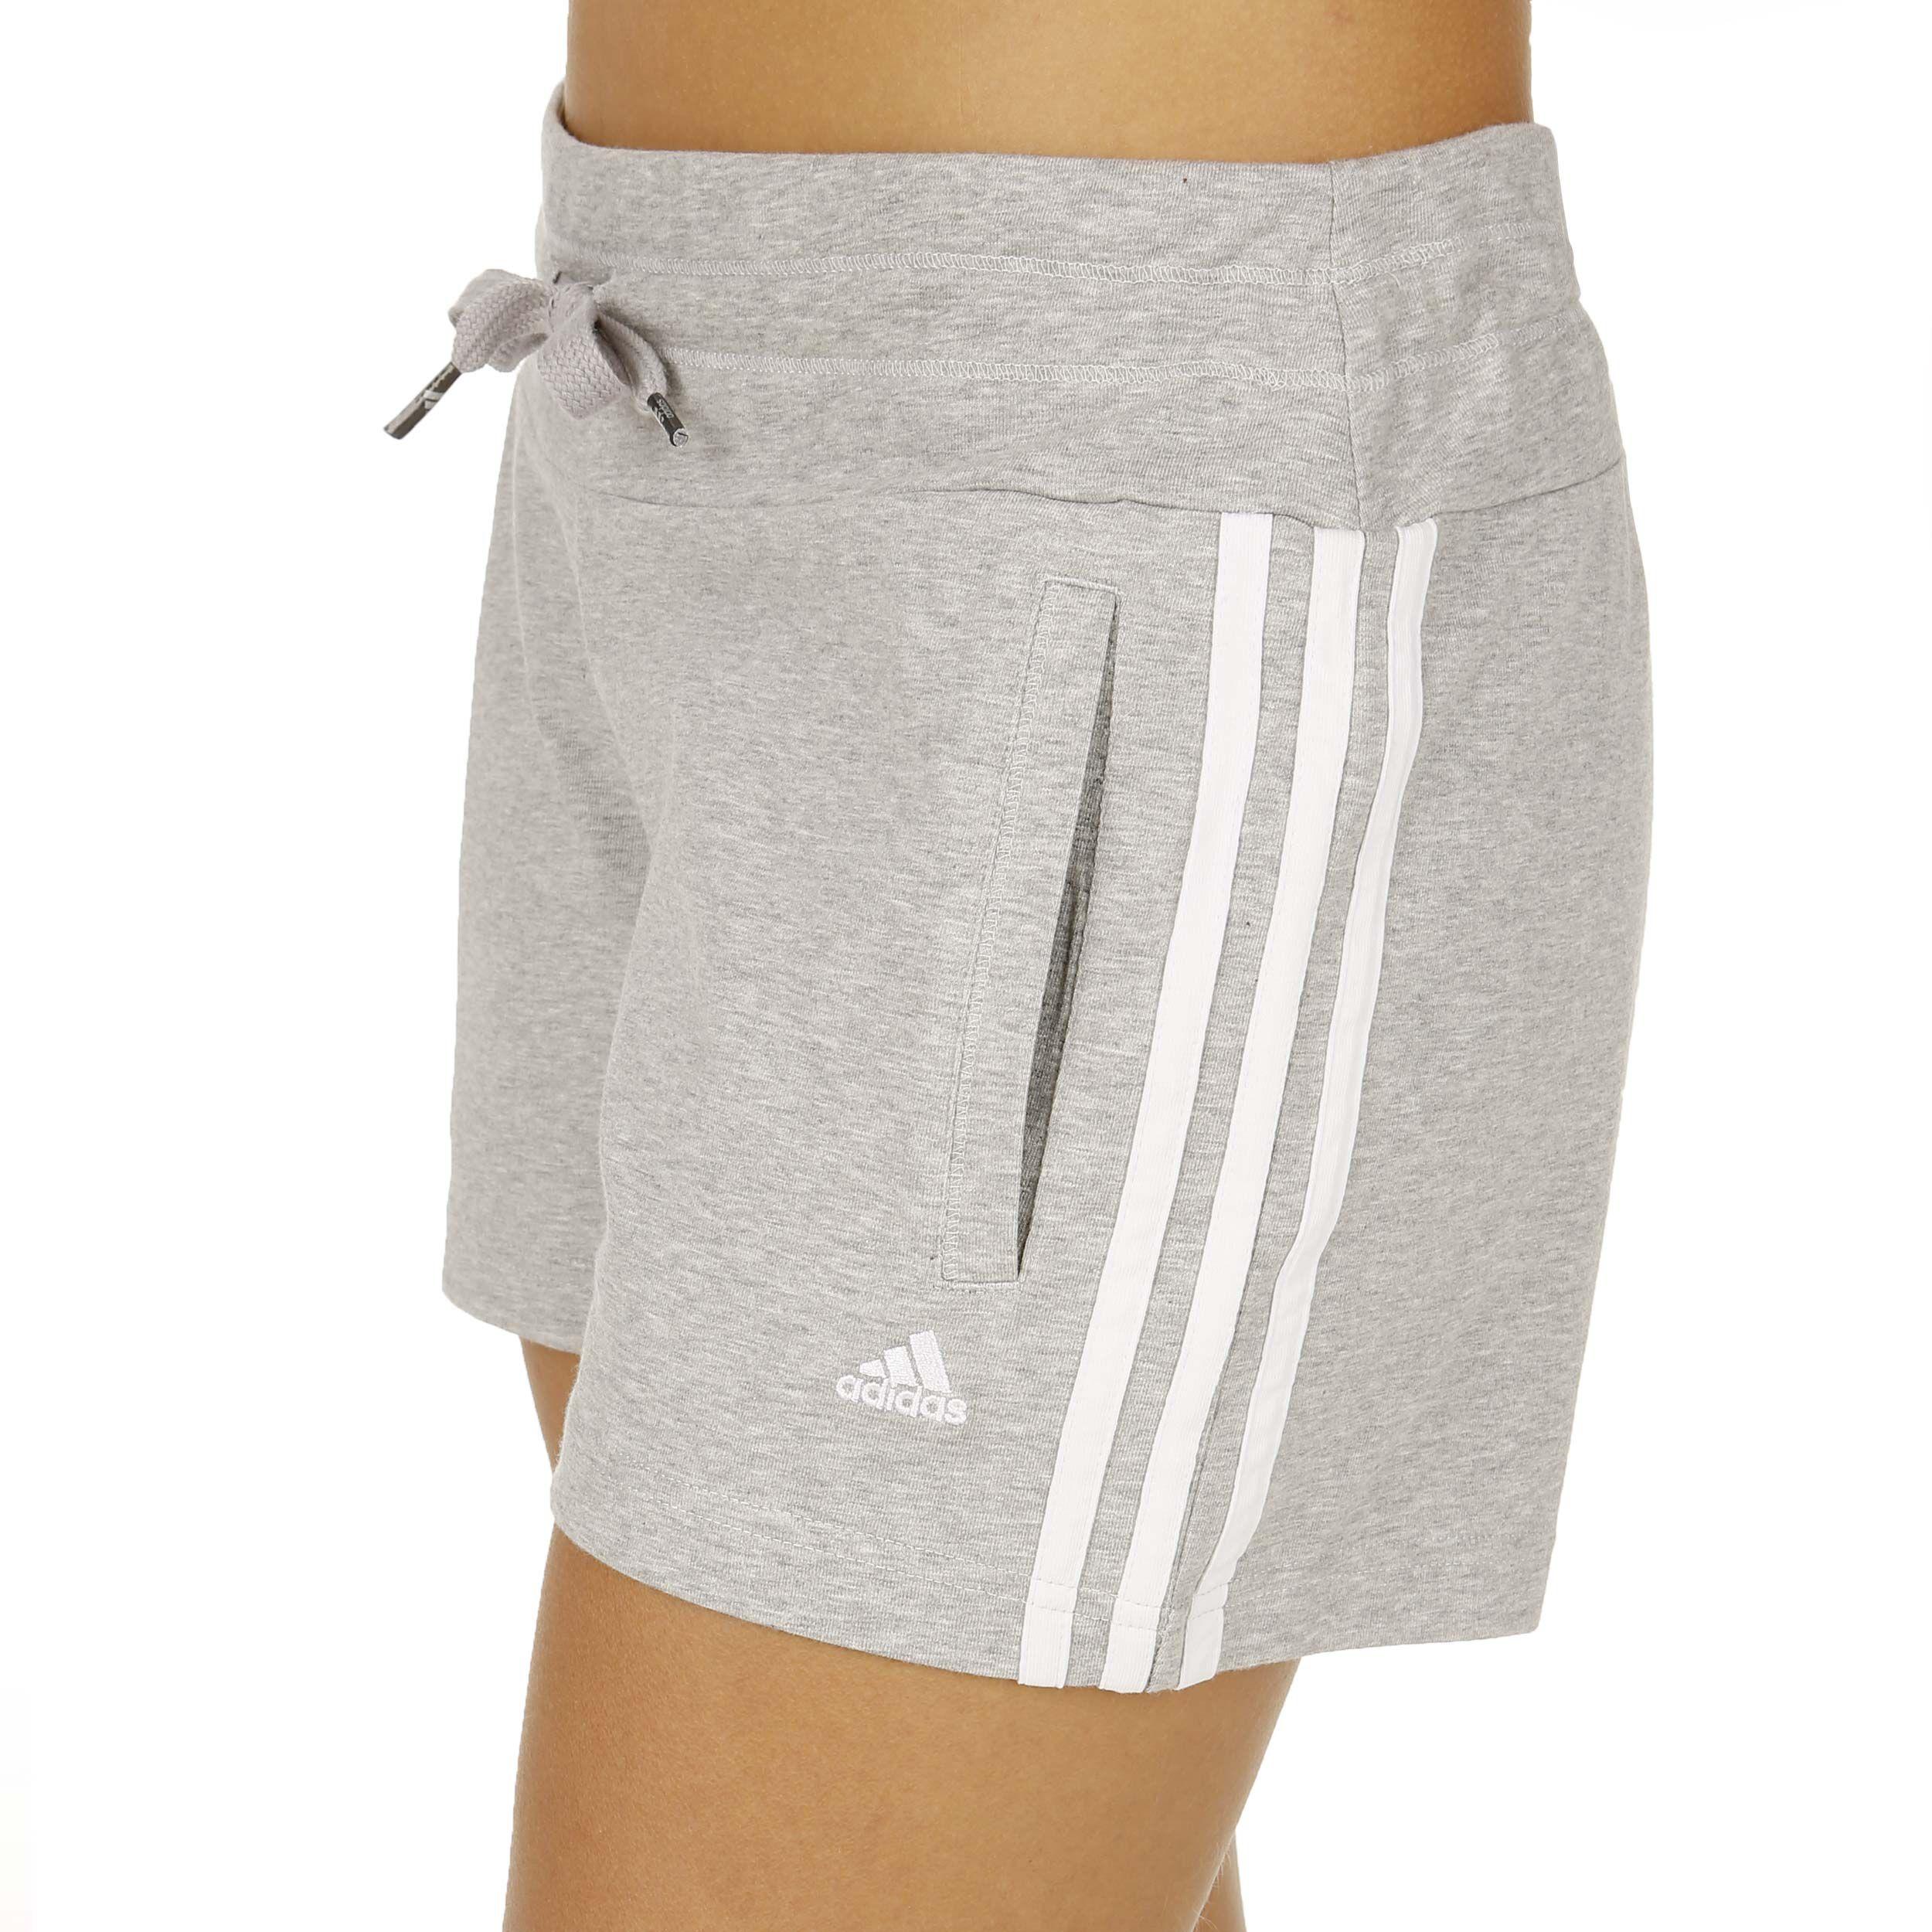 adidas Essentials 3 Stripes Knit Shorts Damen - Grau, Weiß ...